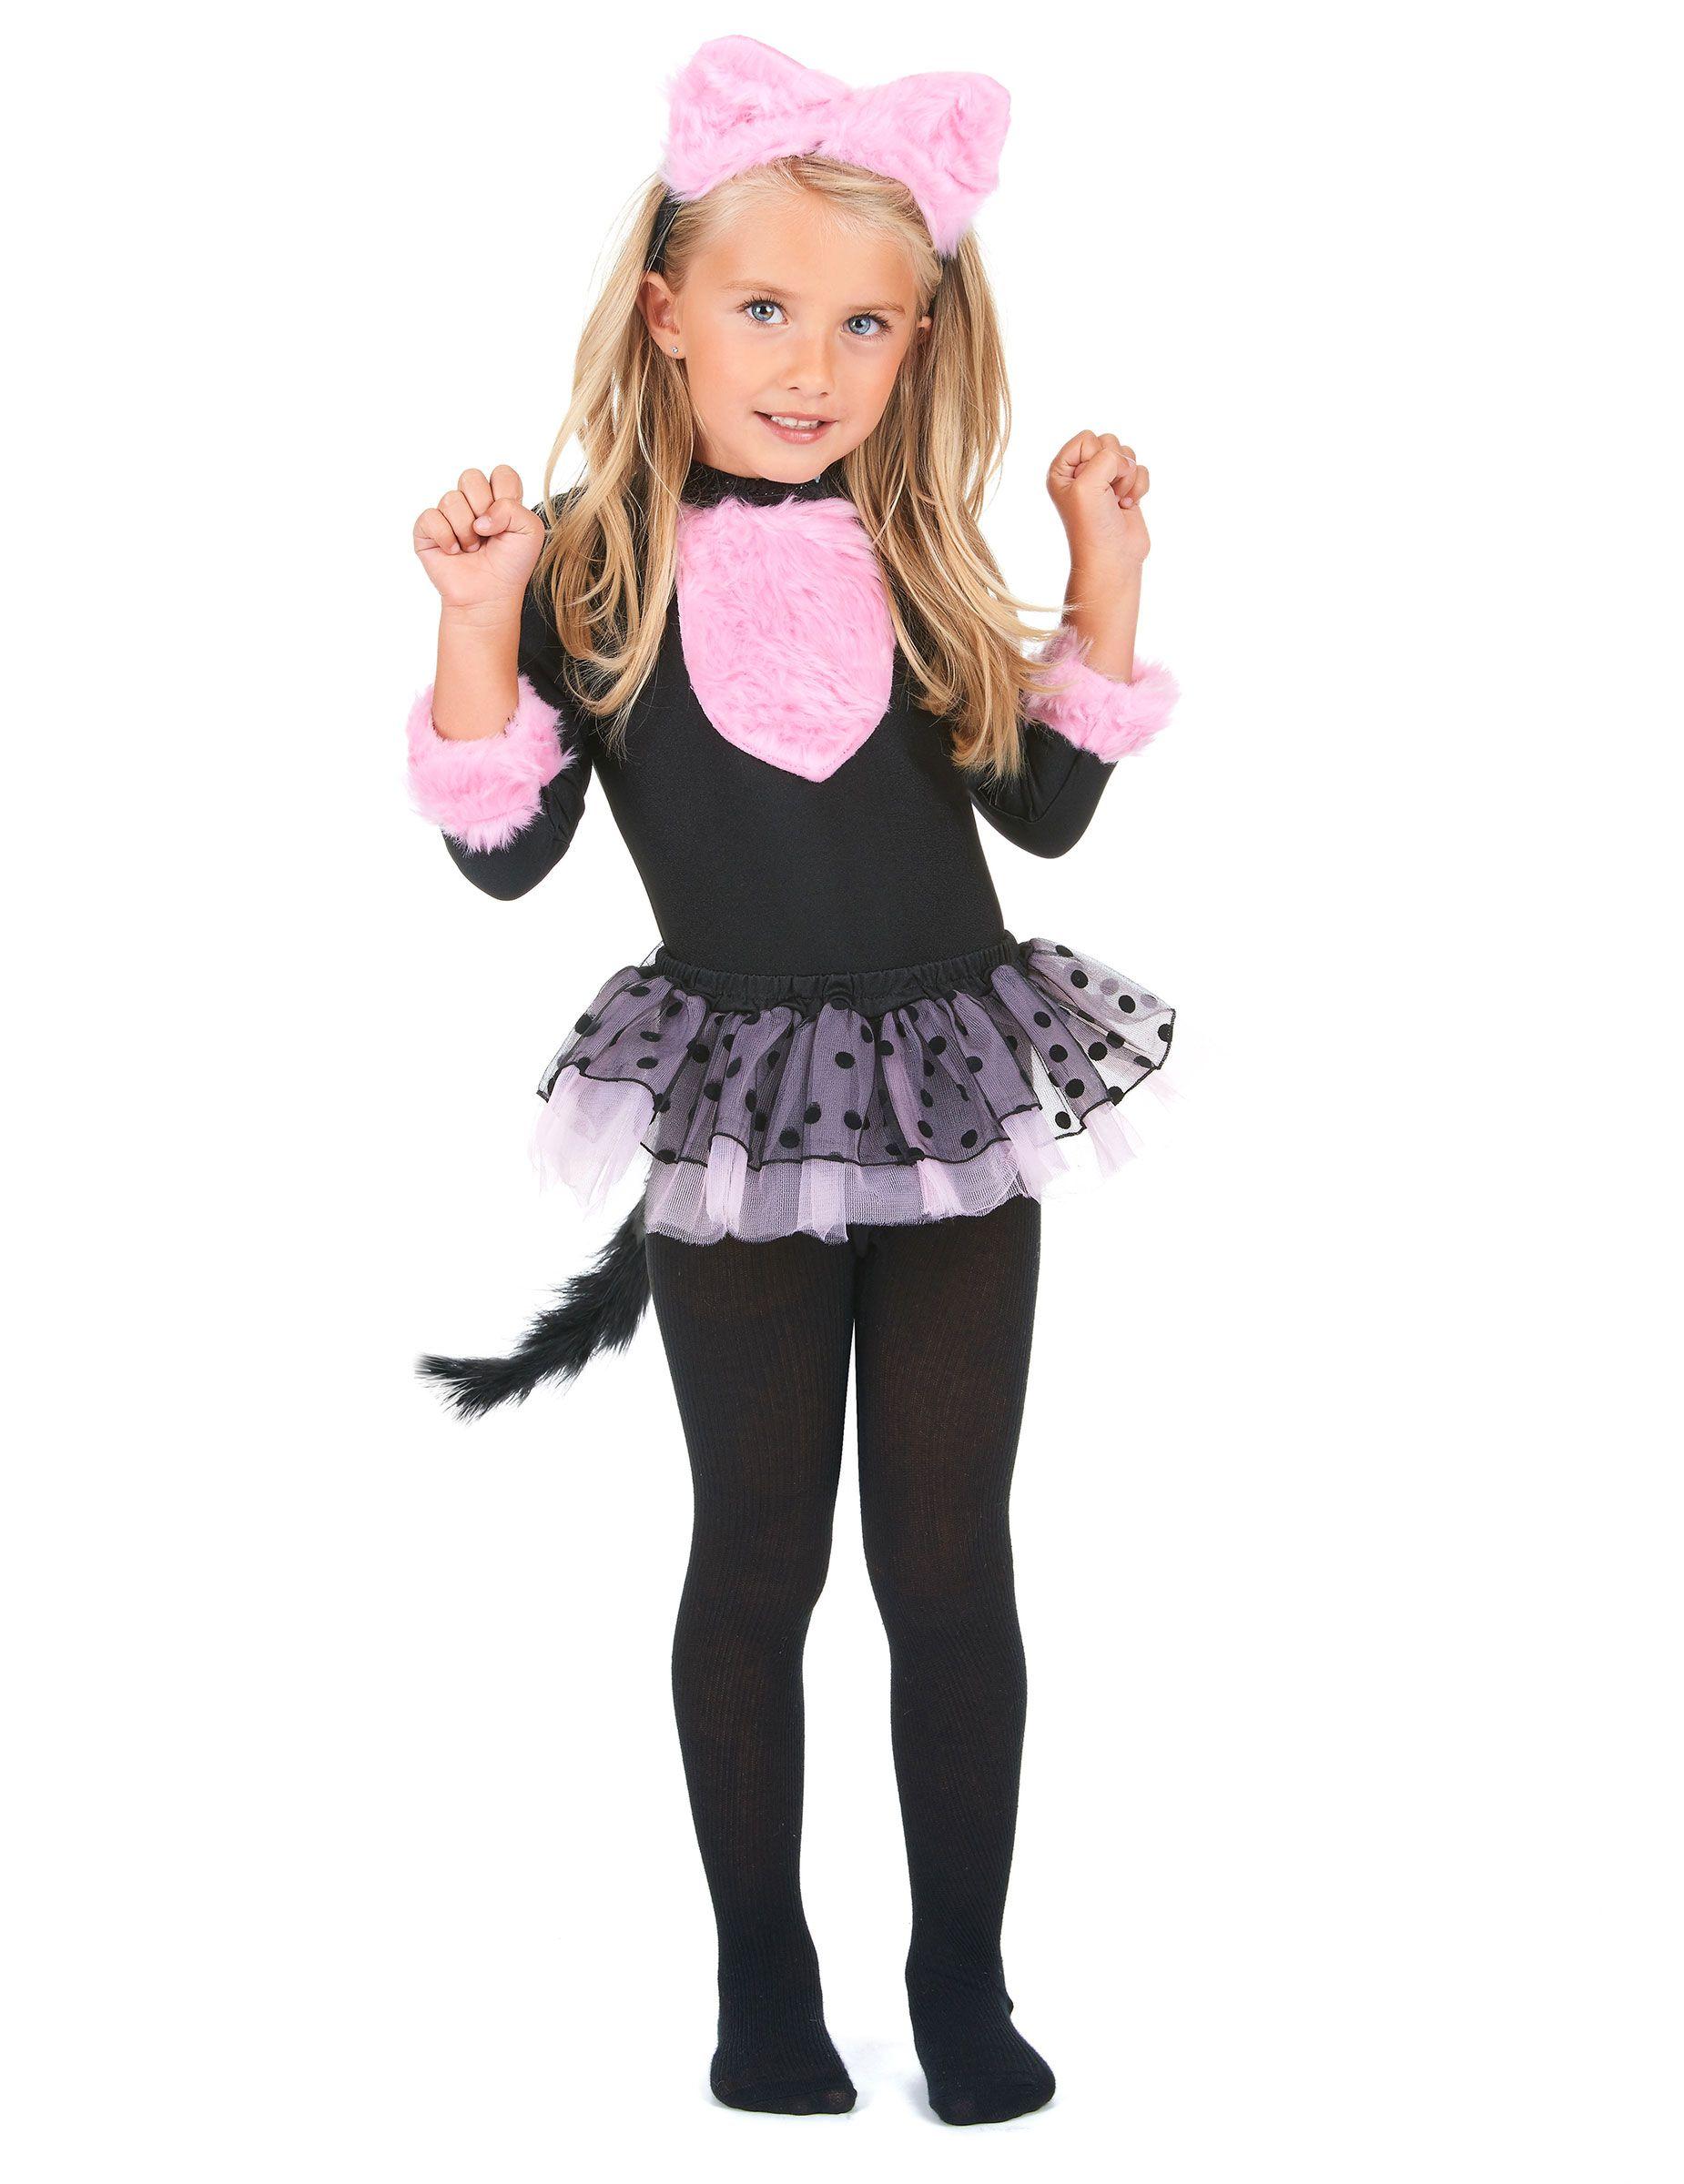 Kinder Katzenkostum Rosa Schwarz Gunstige Faschings Kostume Bei